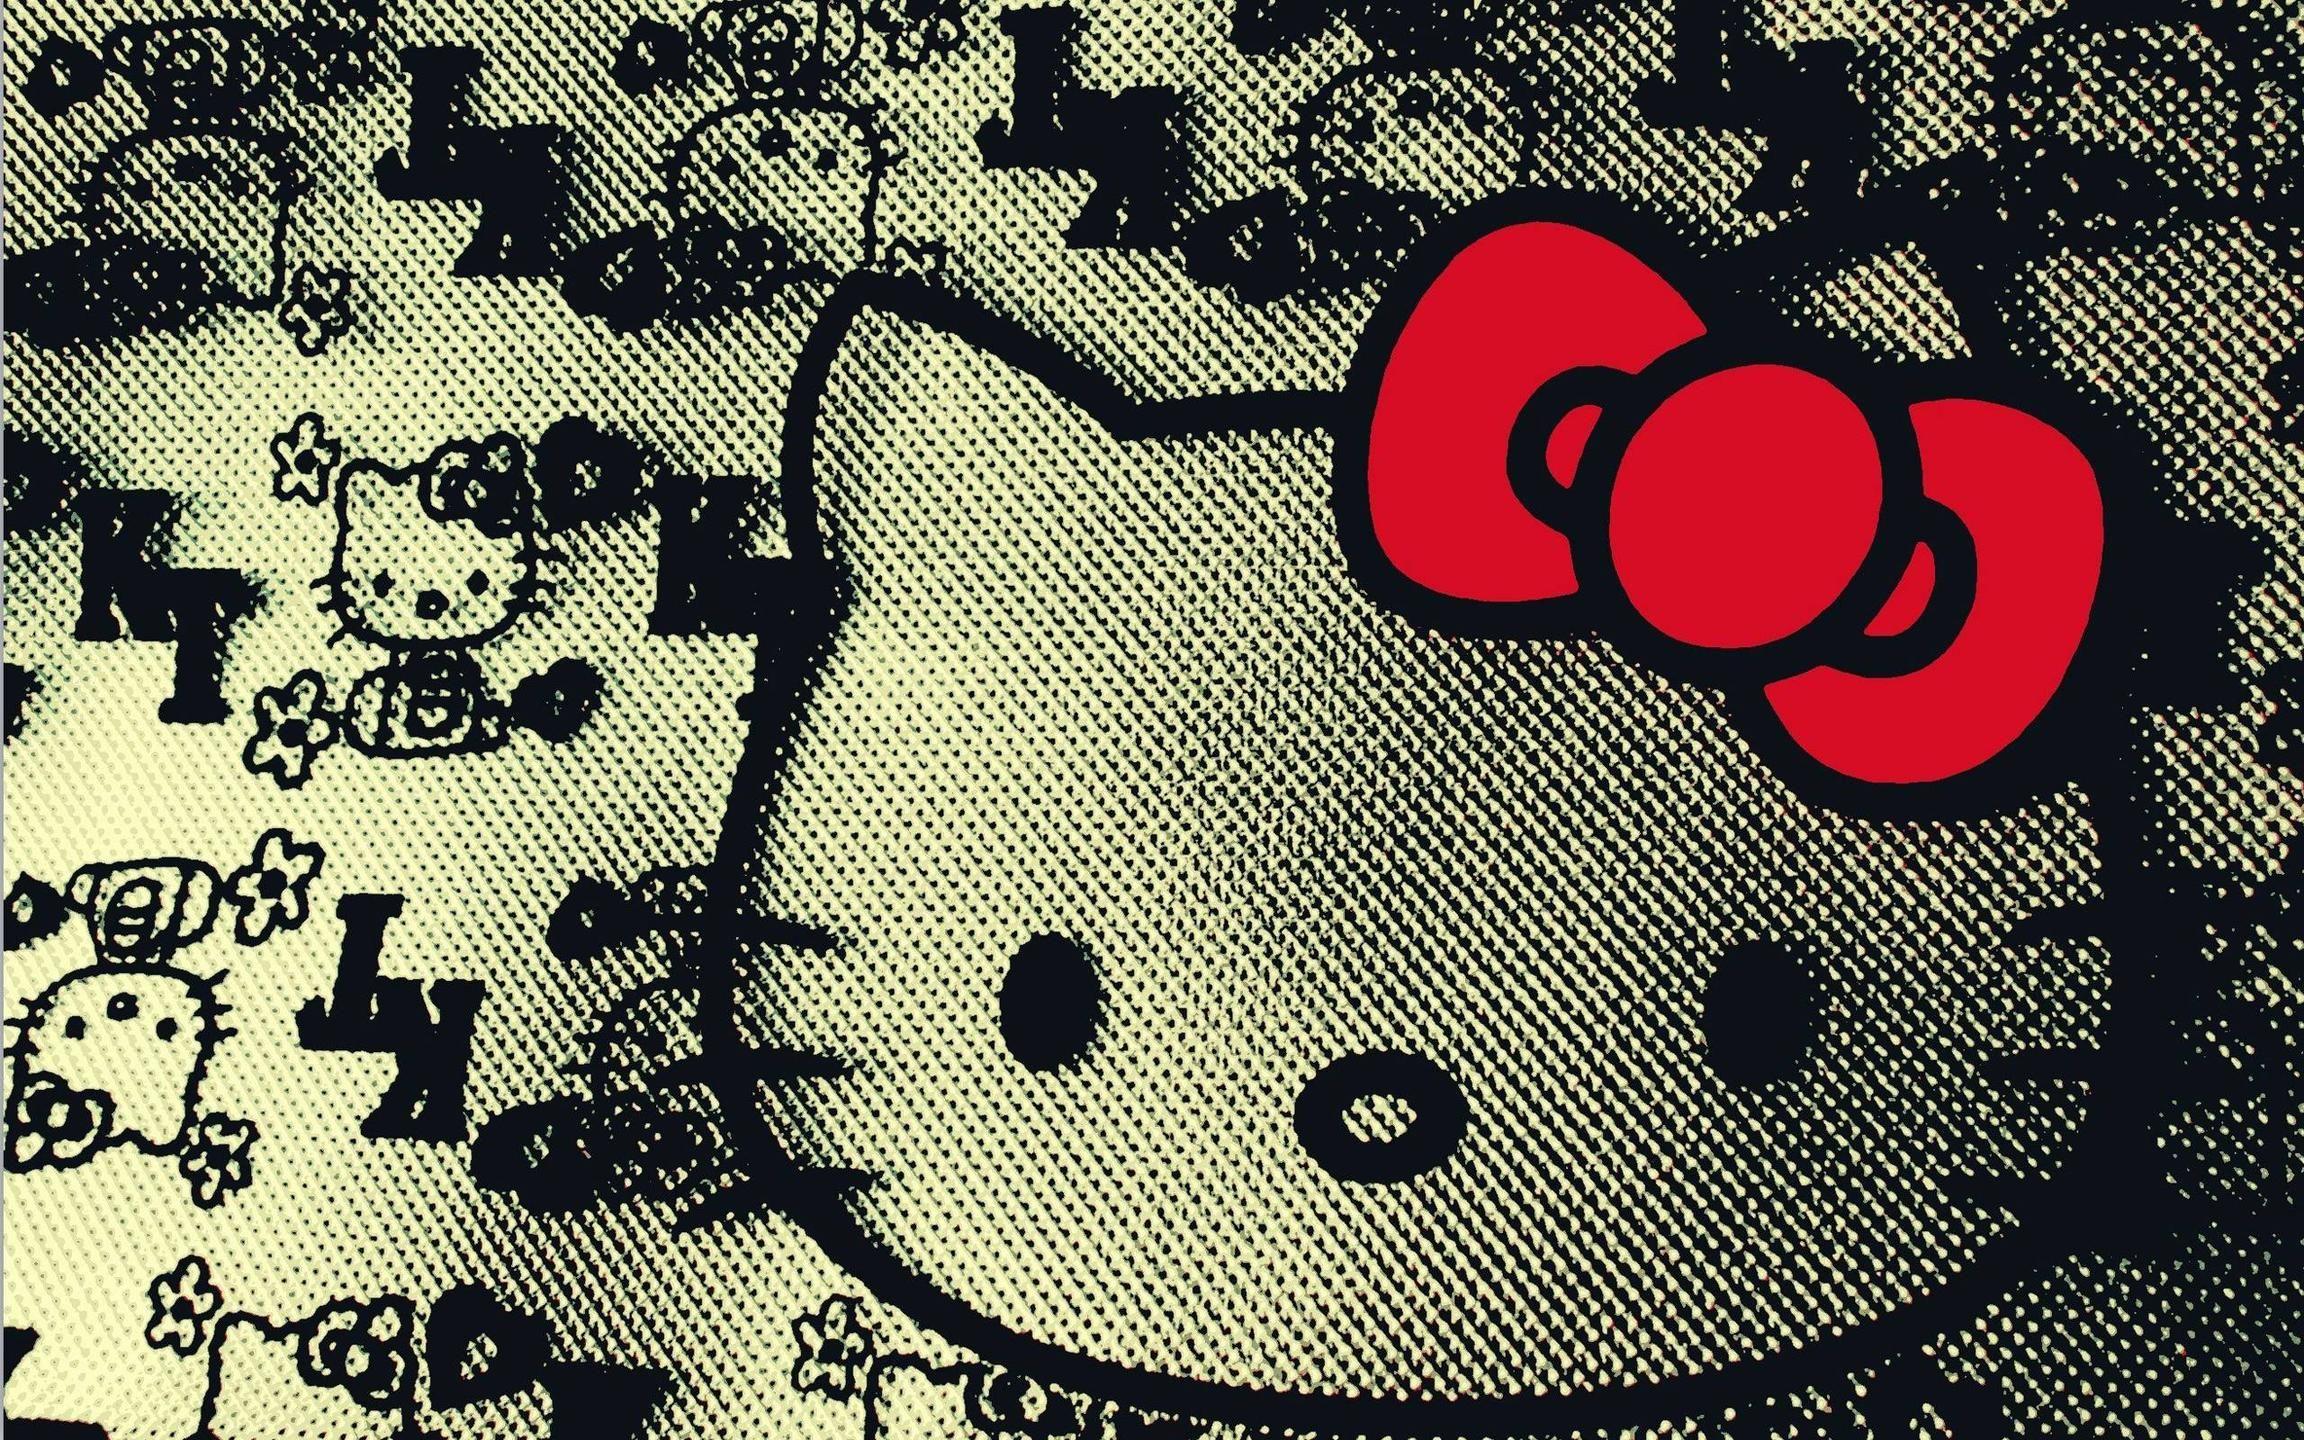 Hello Kitty Hd Wallpapers Hello Kitty Wallpaper Hello Kitty